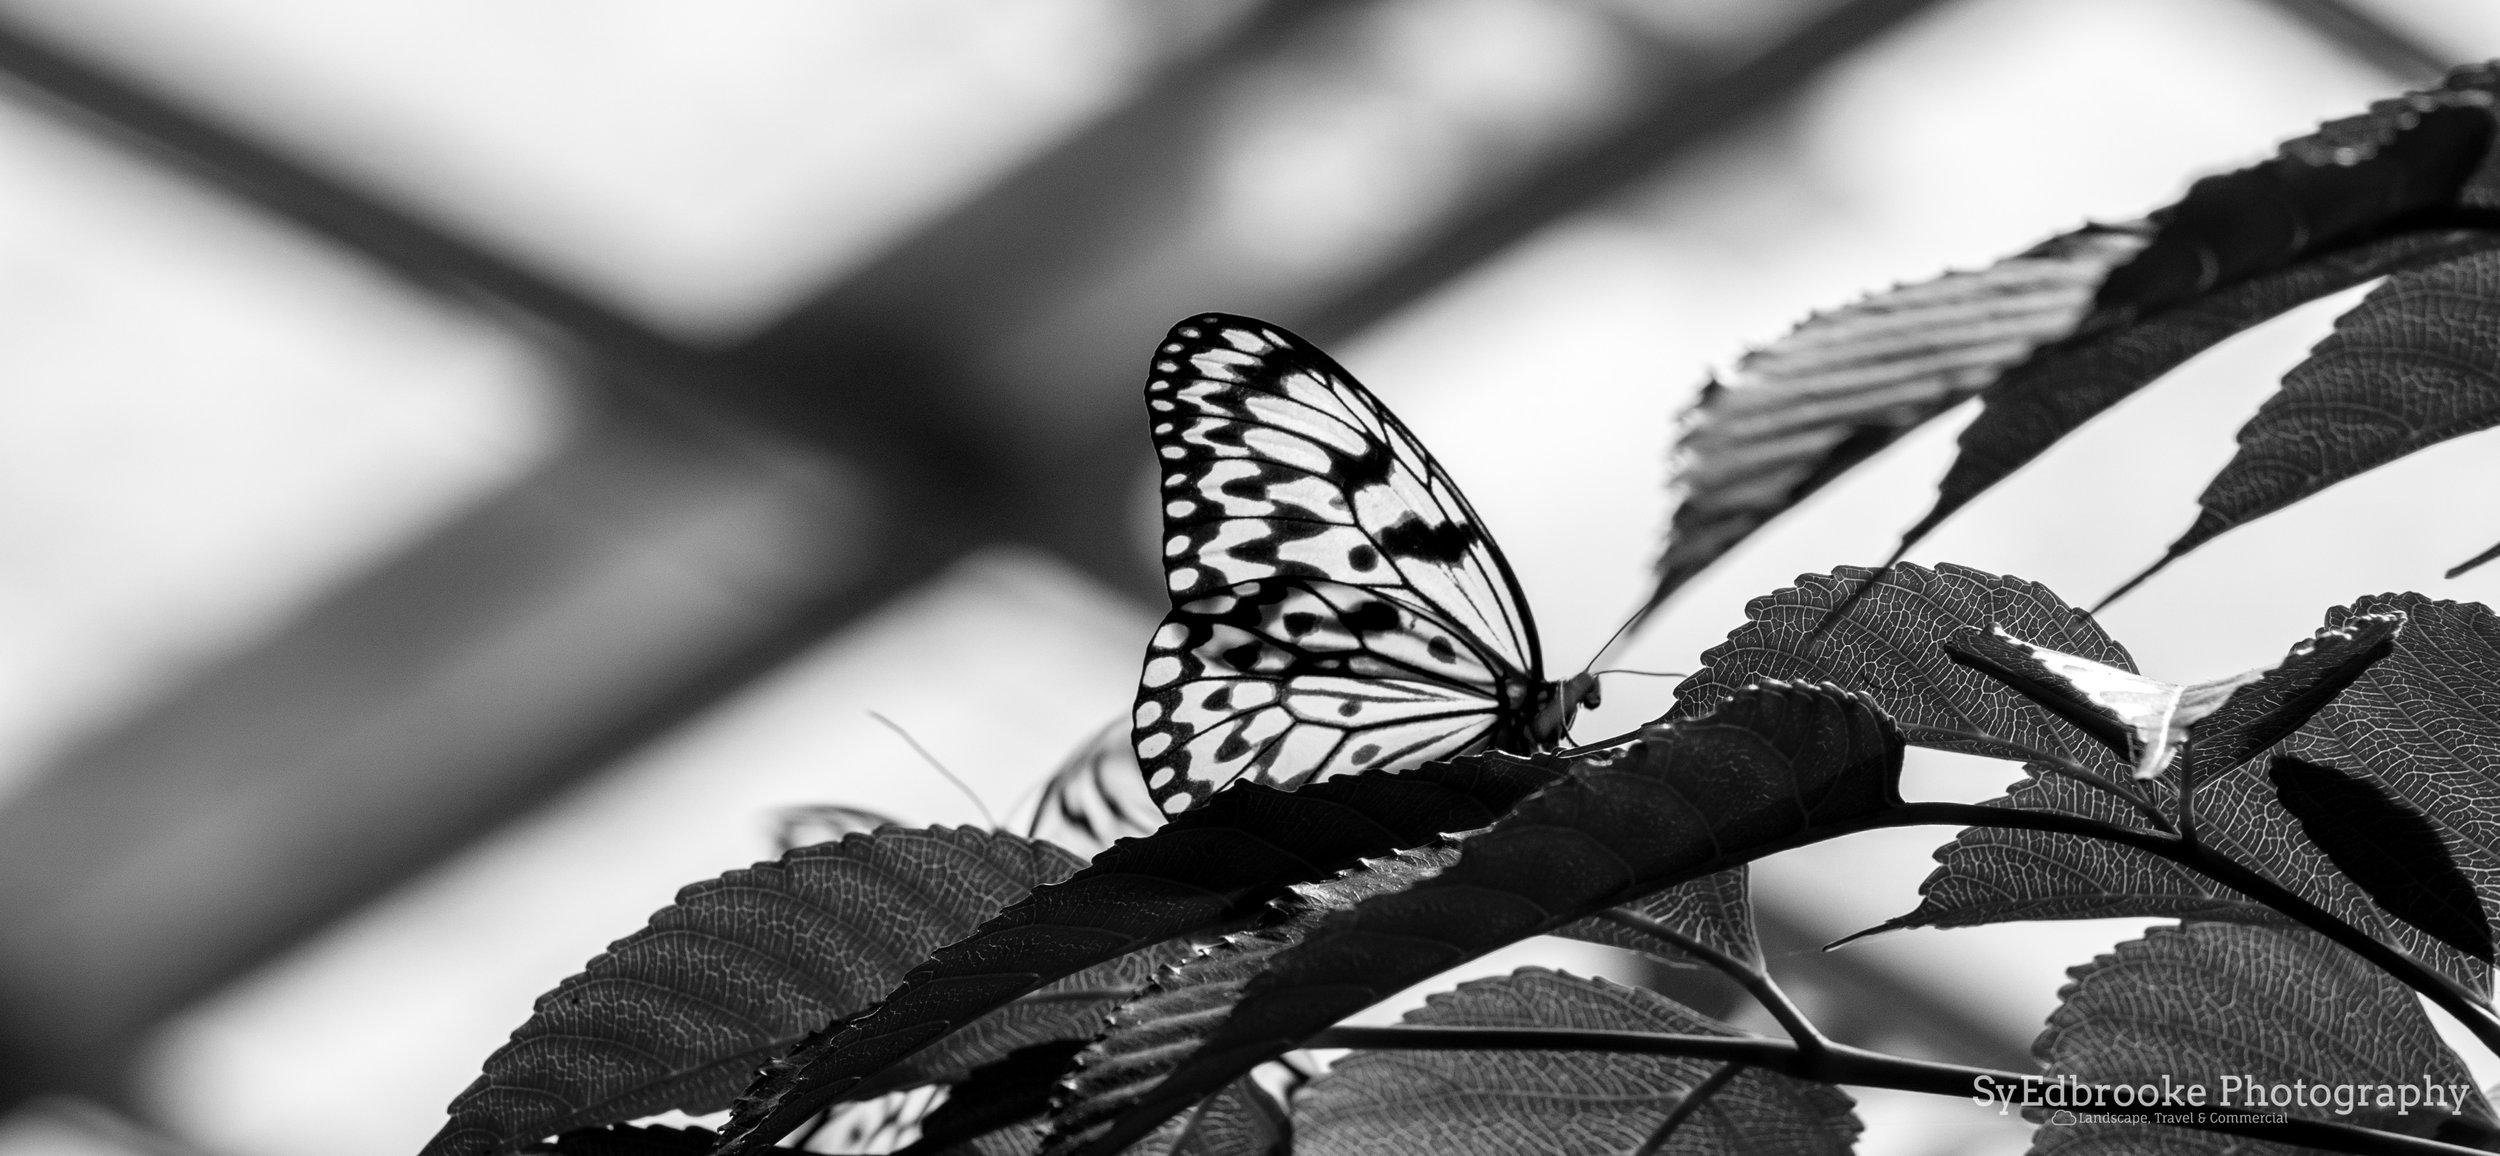 BnW butterflies. f7.1, ISO 200, 1/250, 240mm